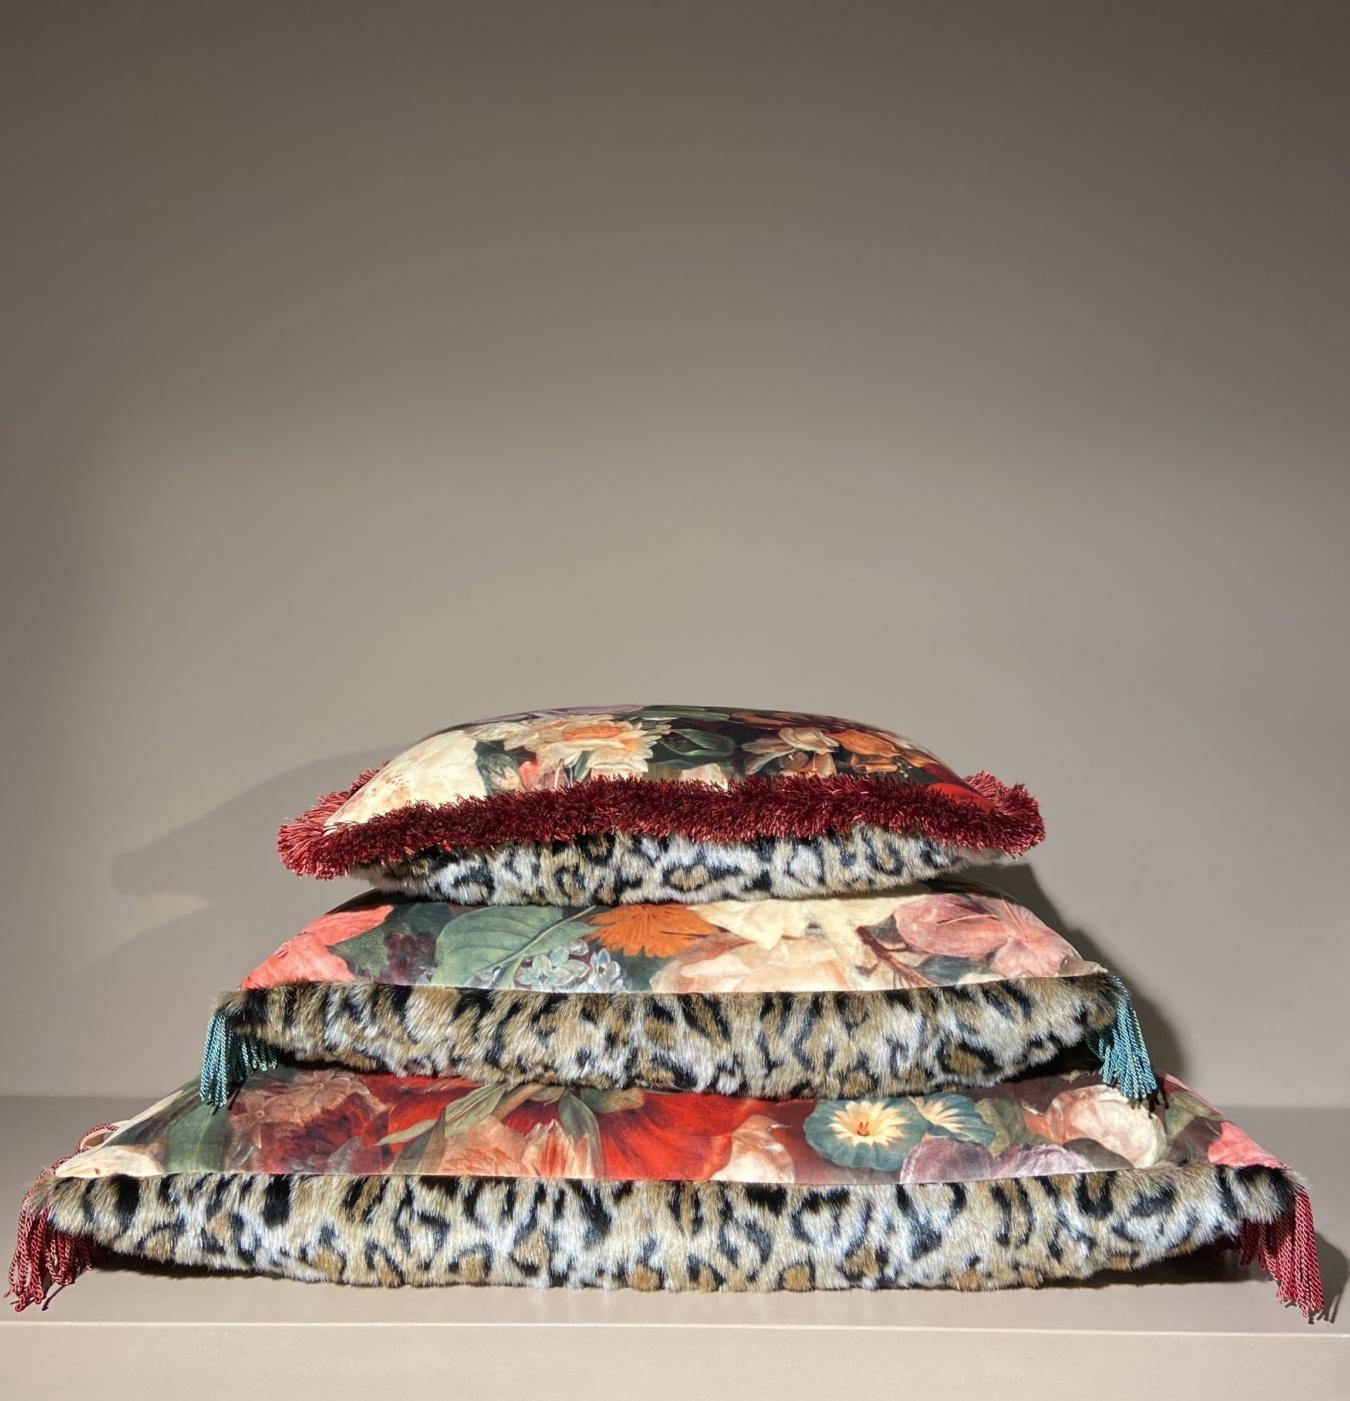 Koop Kussen Panter Lilly by Studio Must